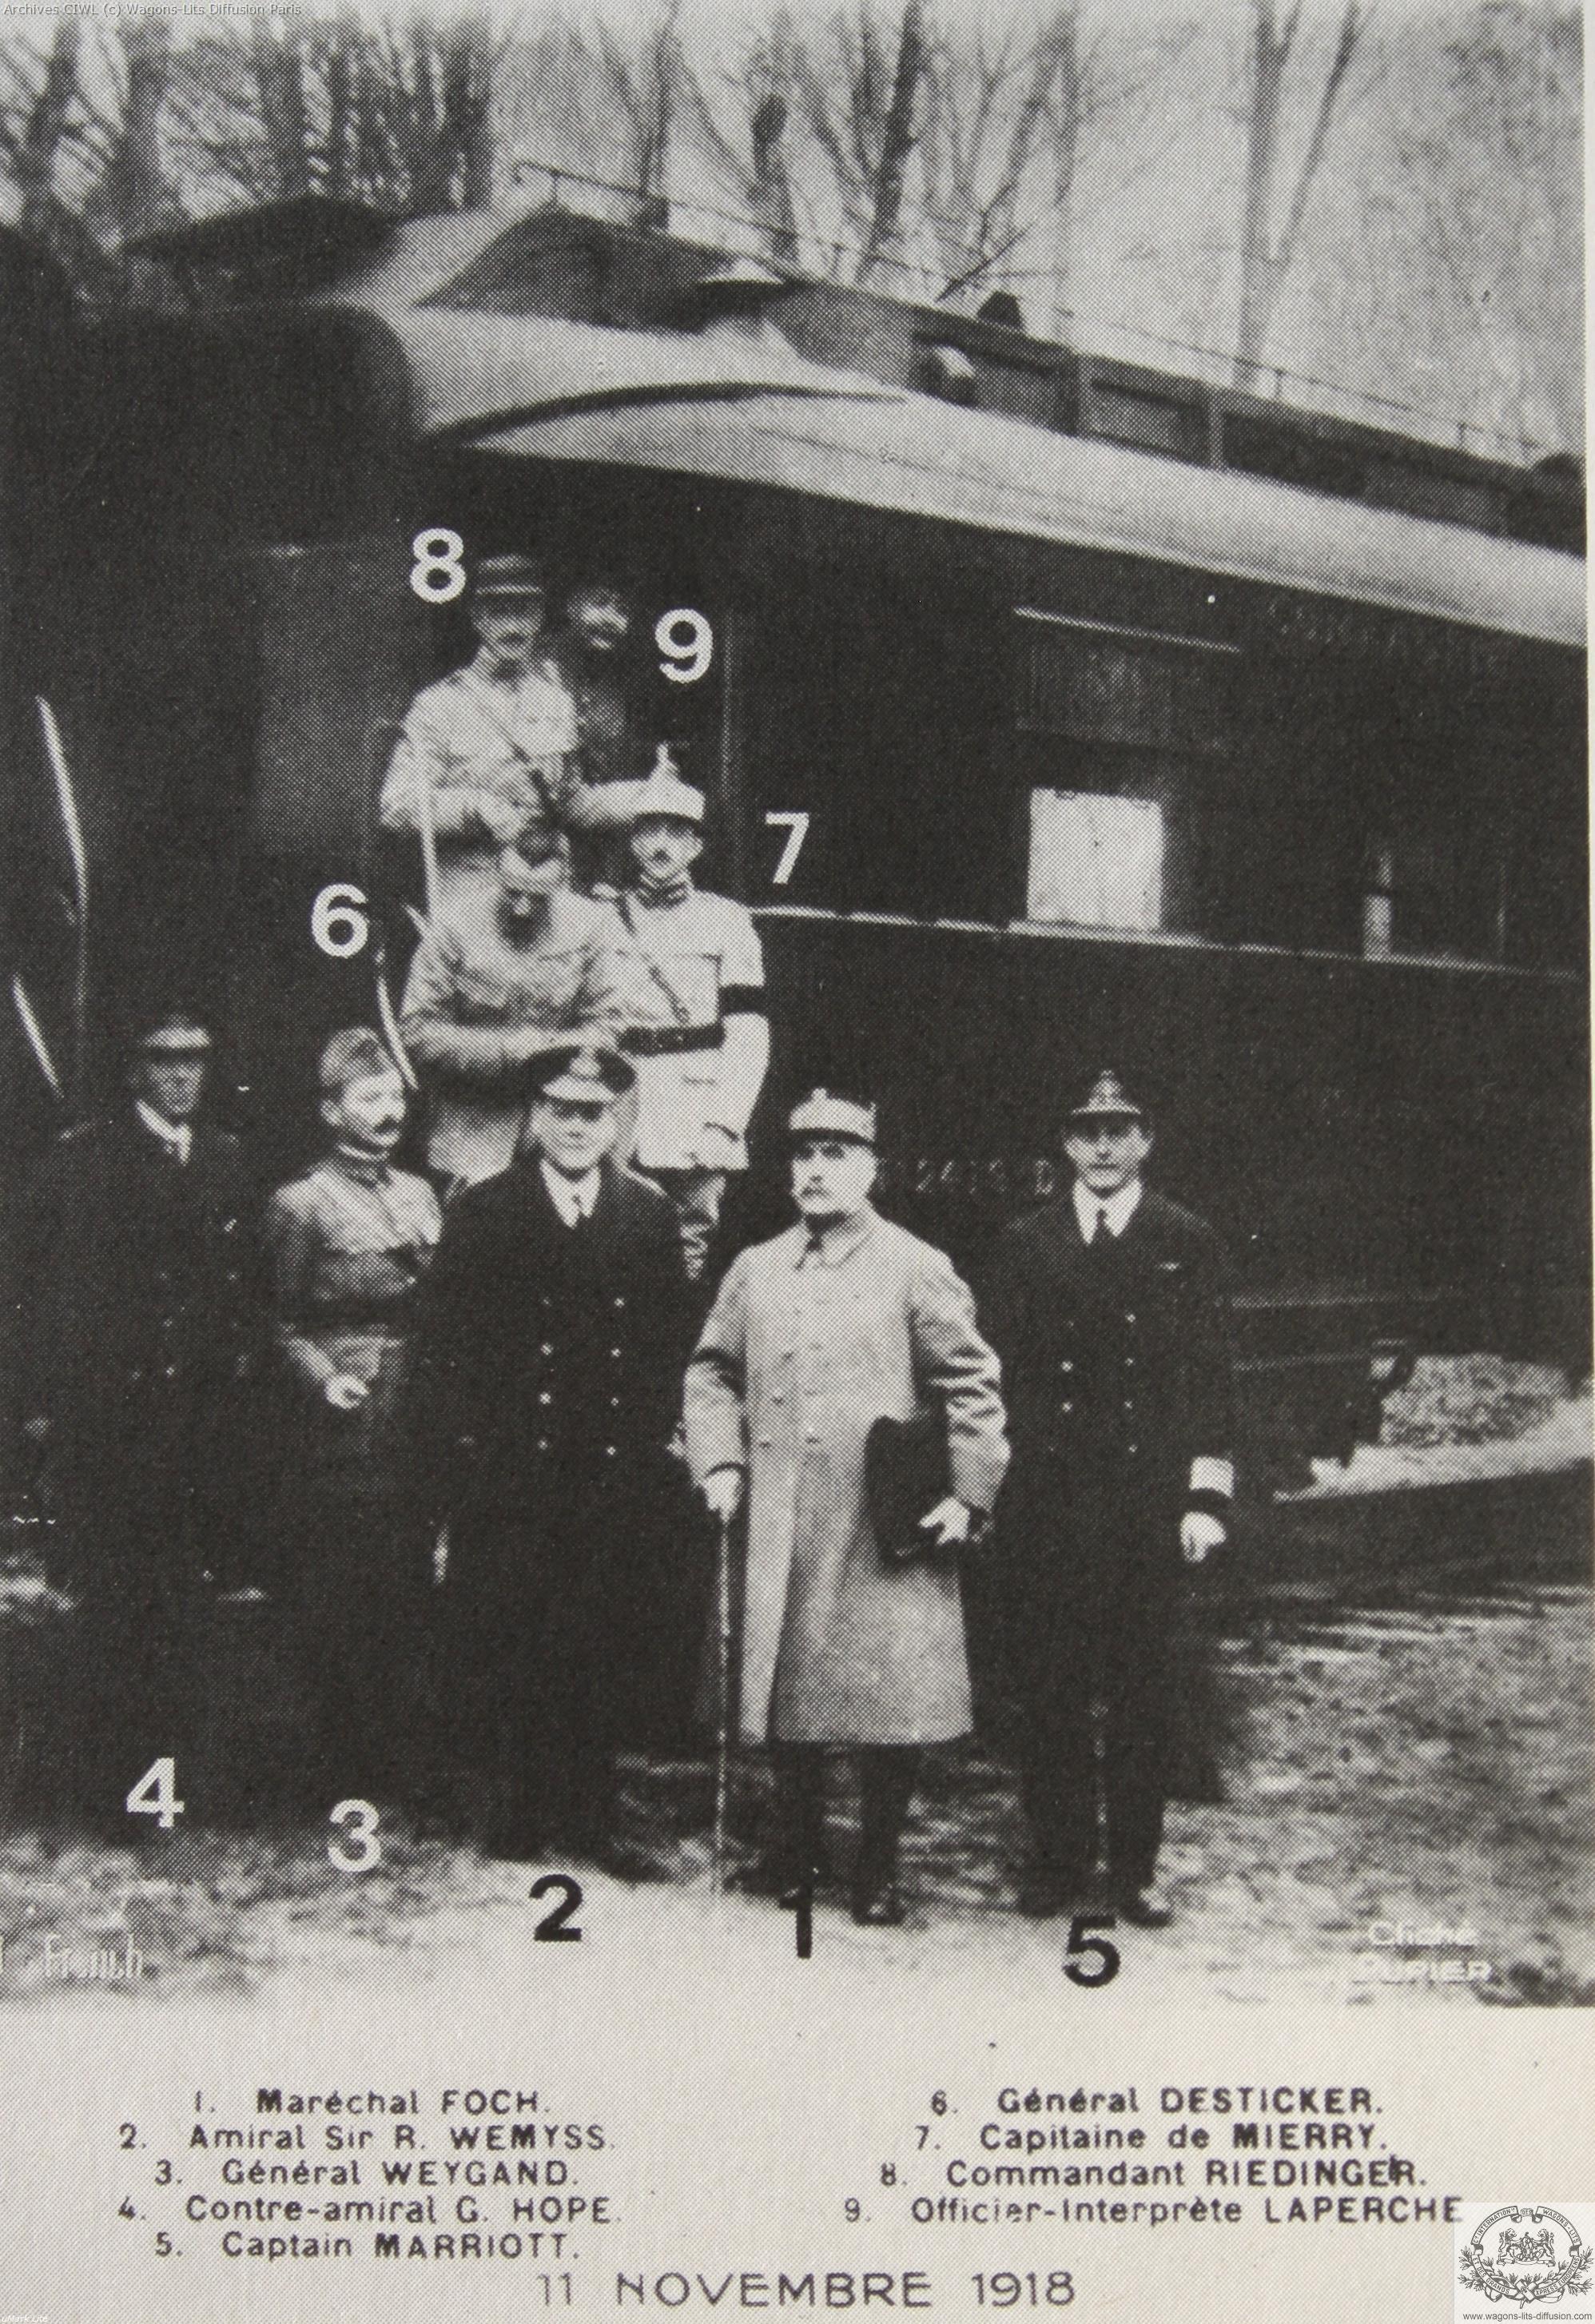 Wl voiture 2419 armistice marechal foch 1919